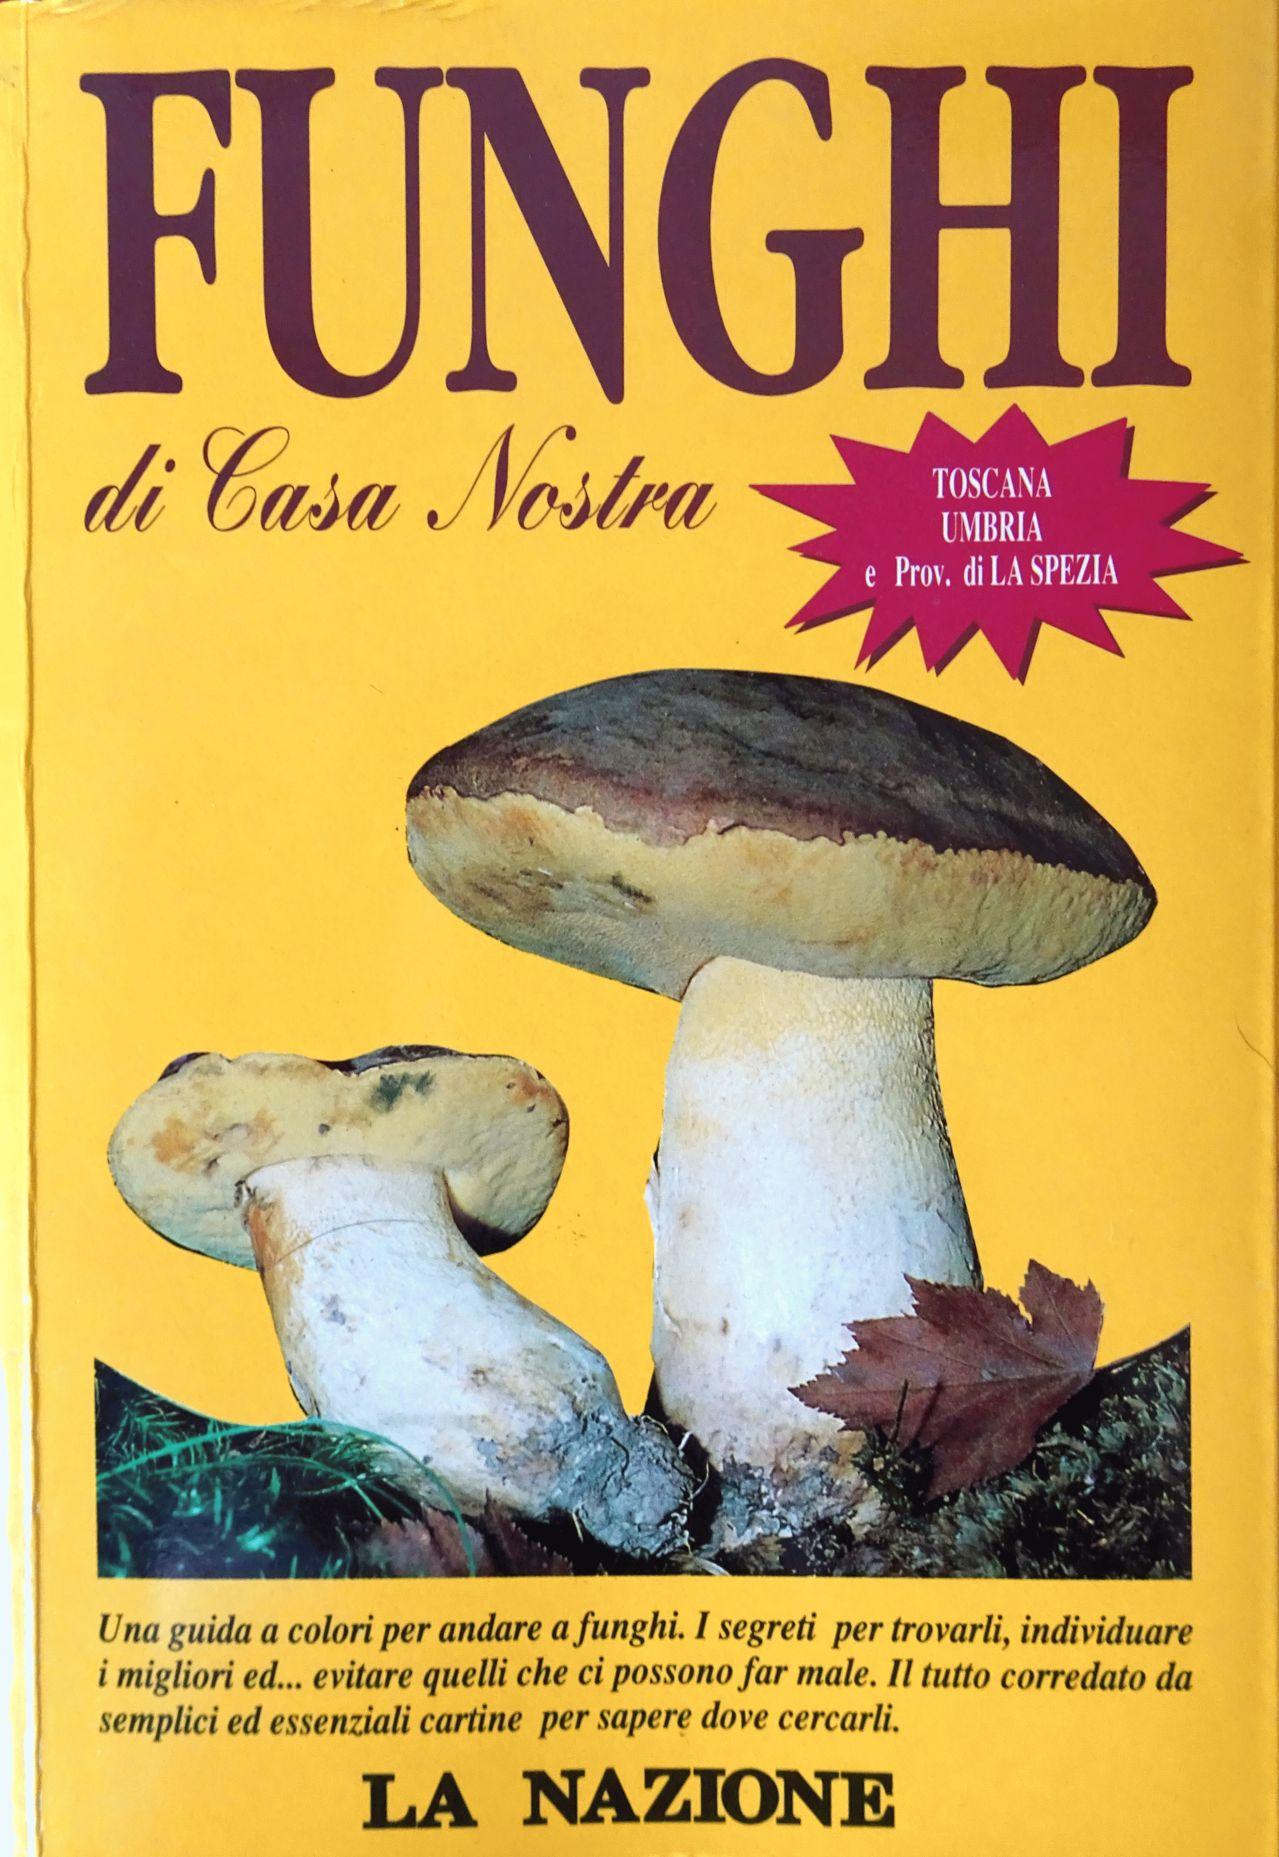 Funghi di casa nostra